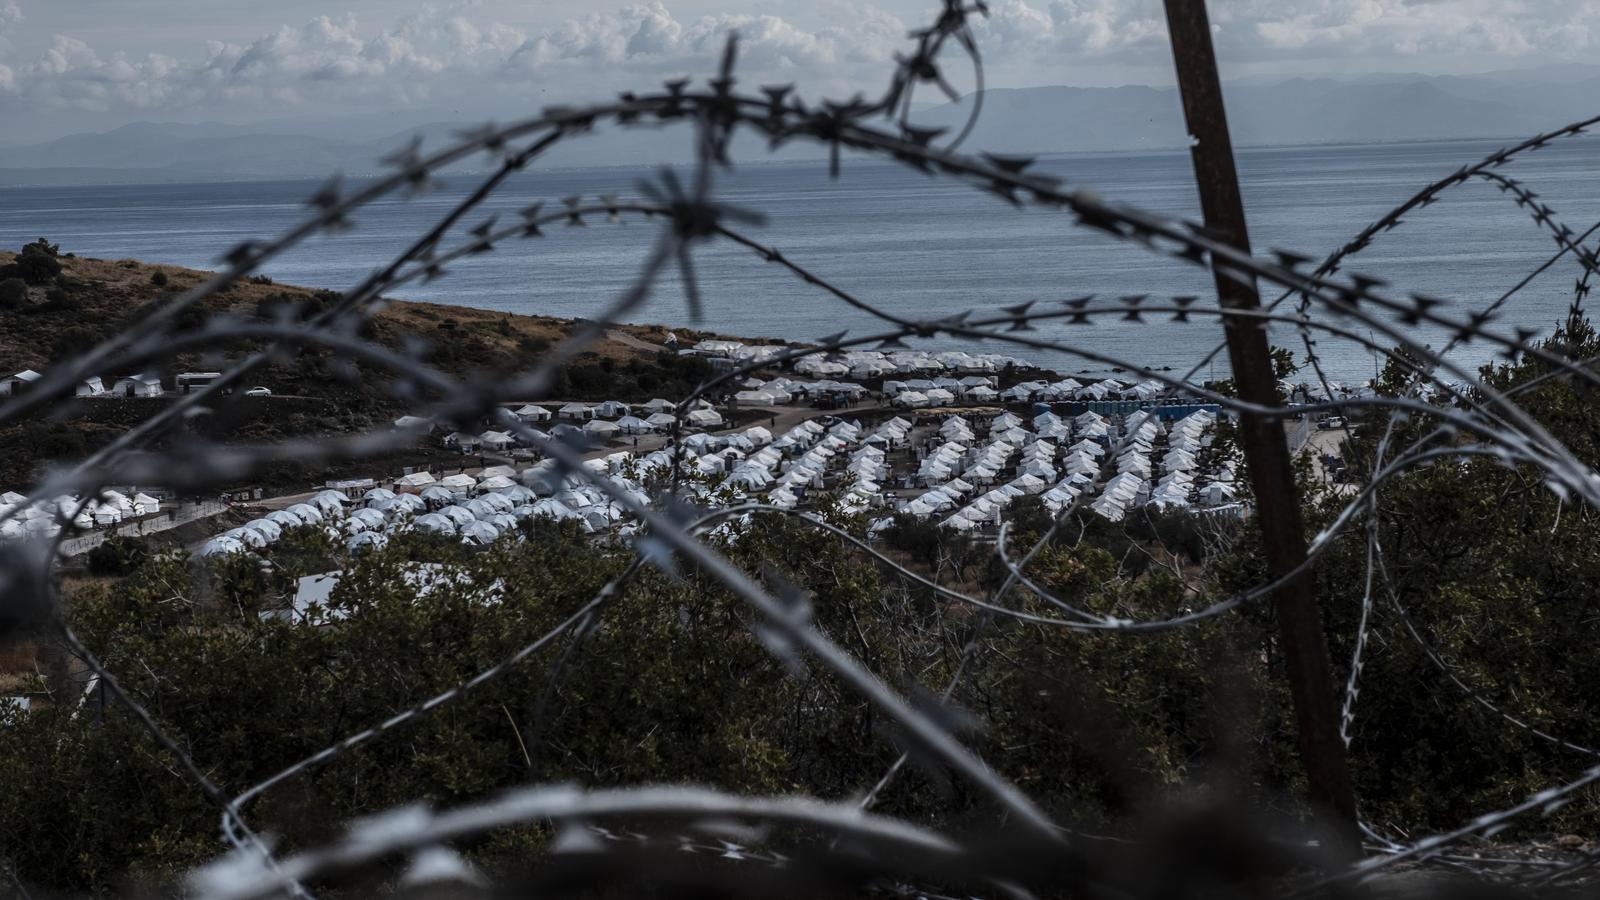 El nou camp de refugiats de Lesbos s'aixeca en uns terrenys propietat de l'exèrcit